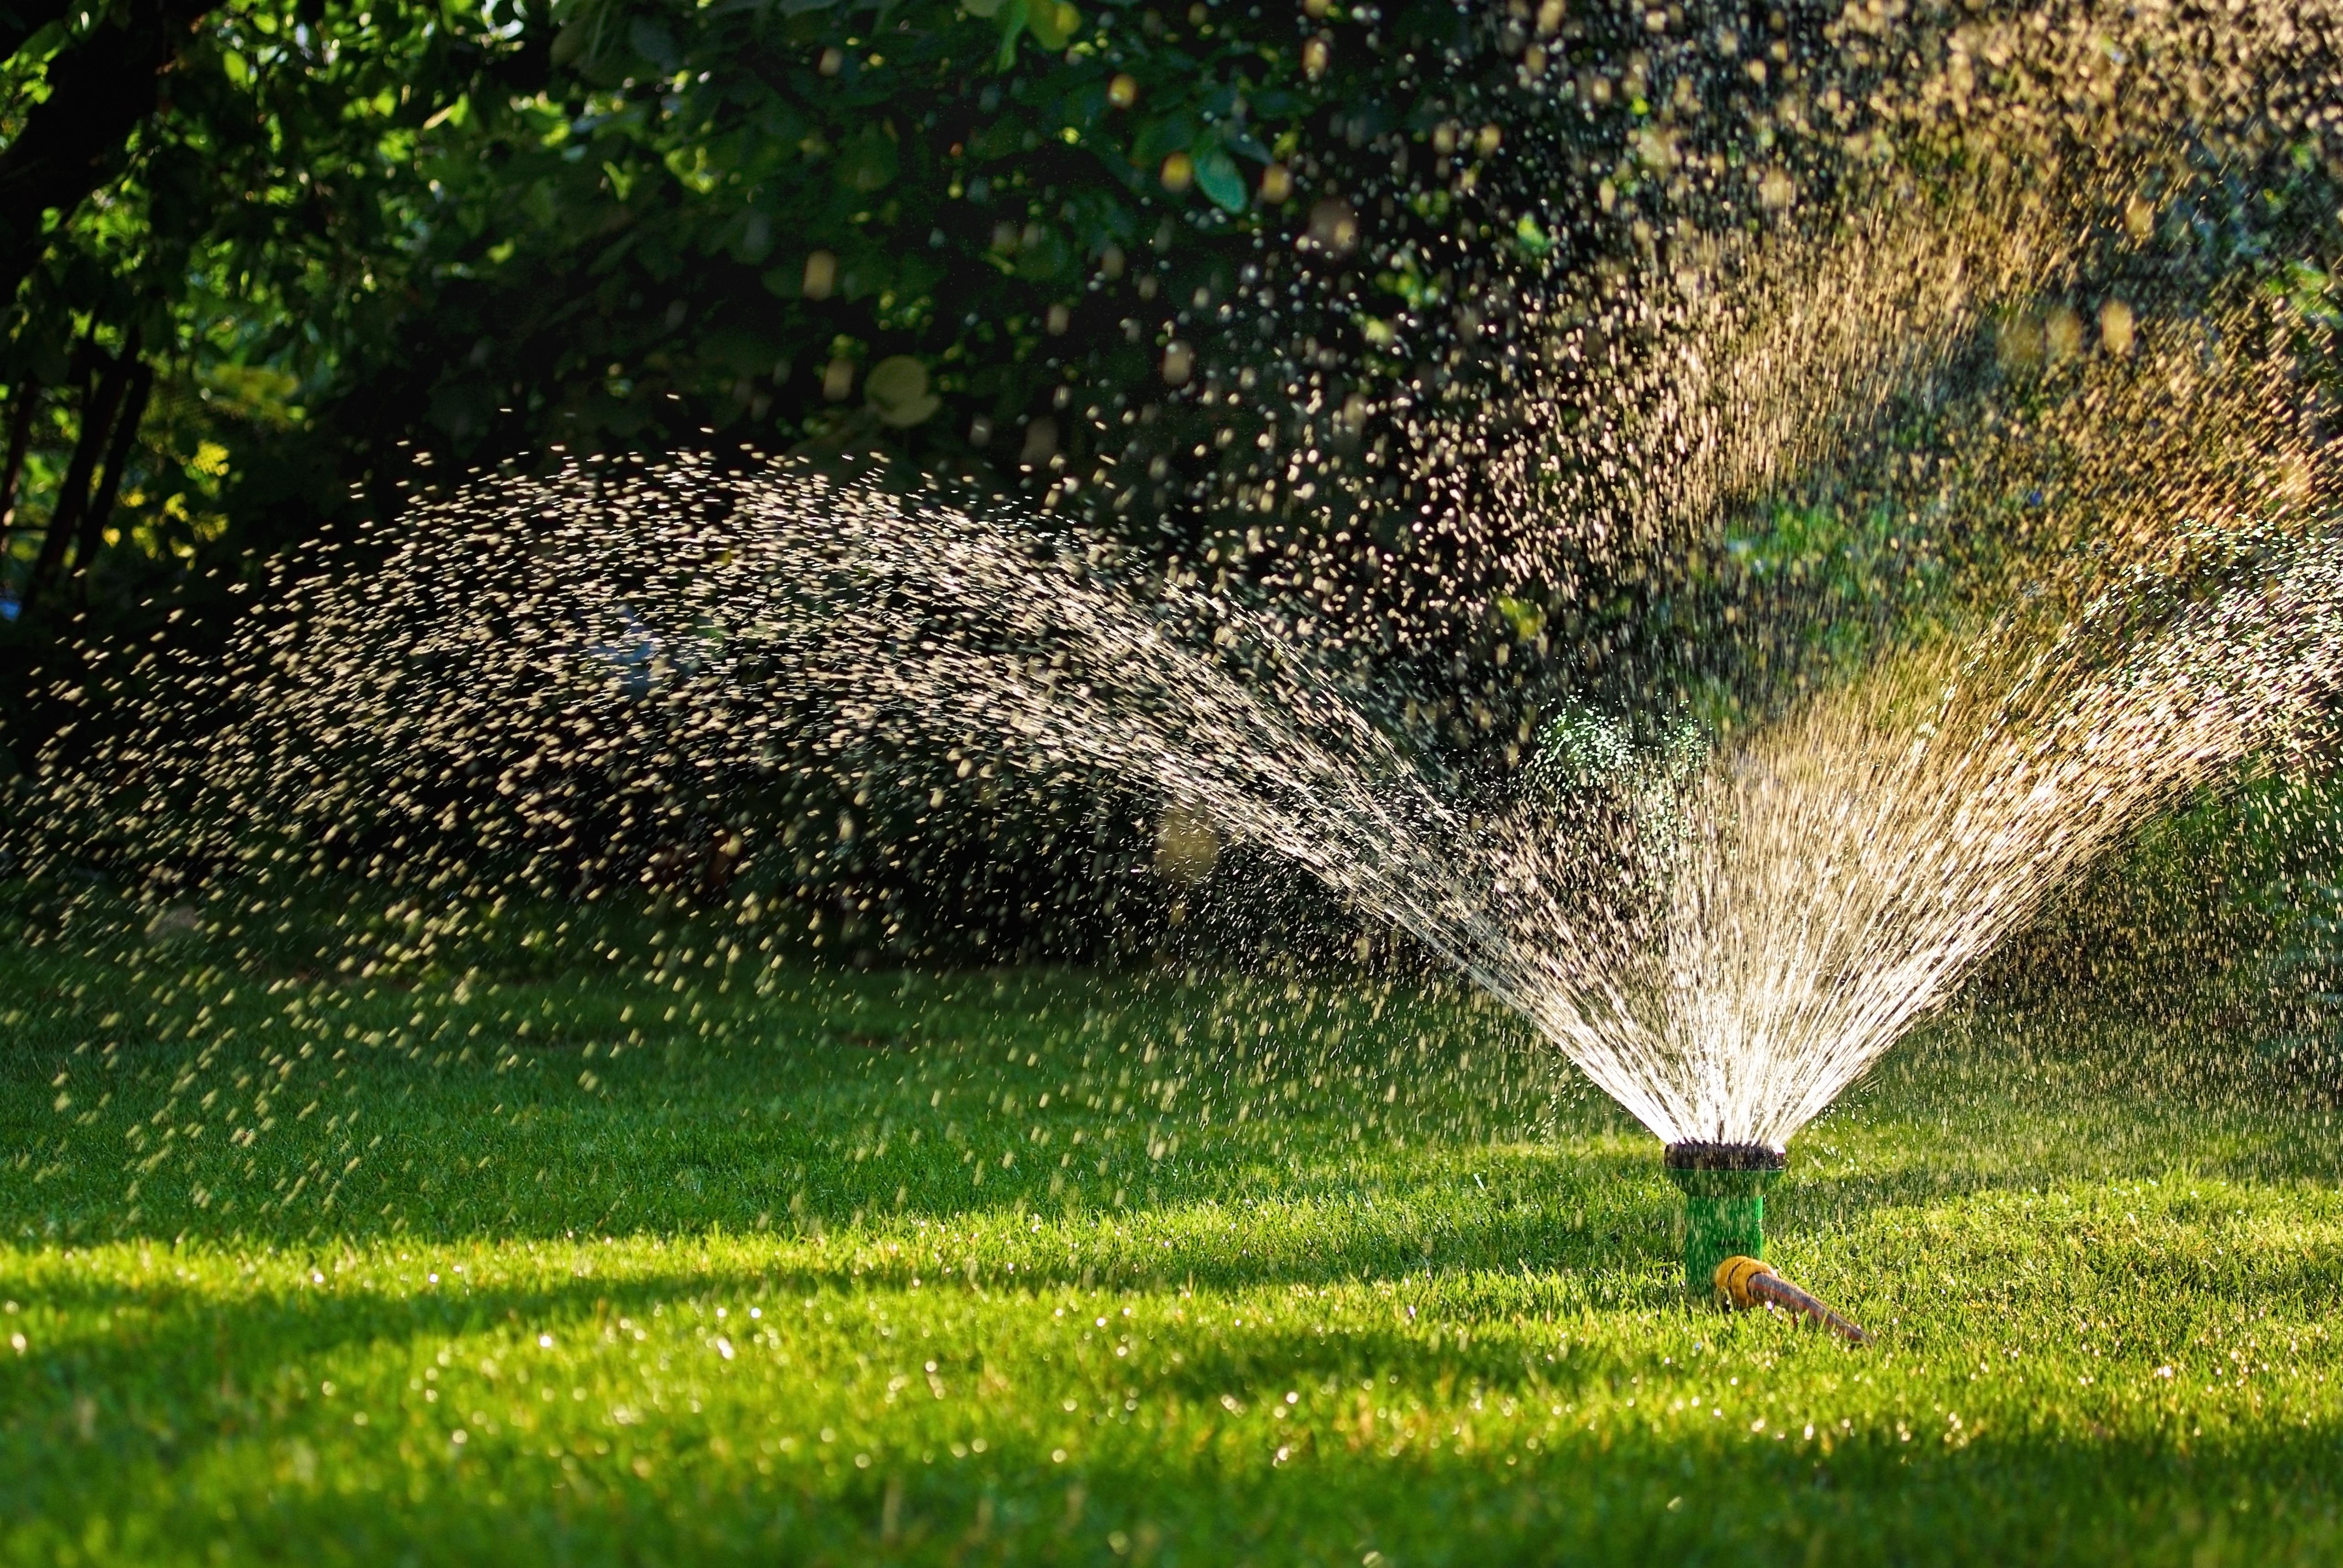 water sprinkler watering grass